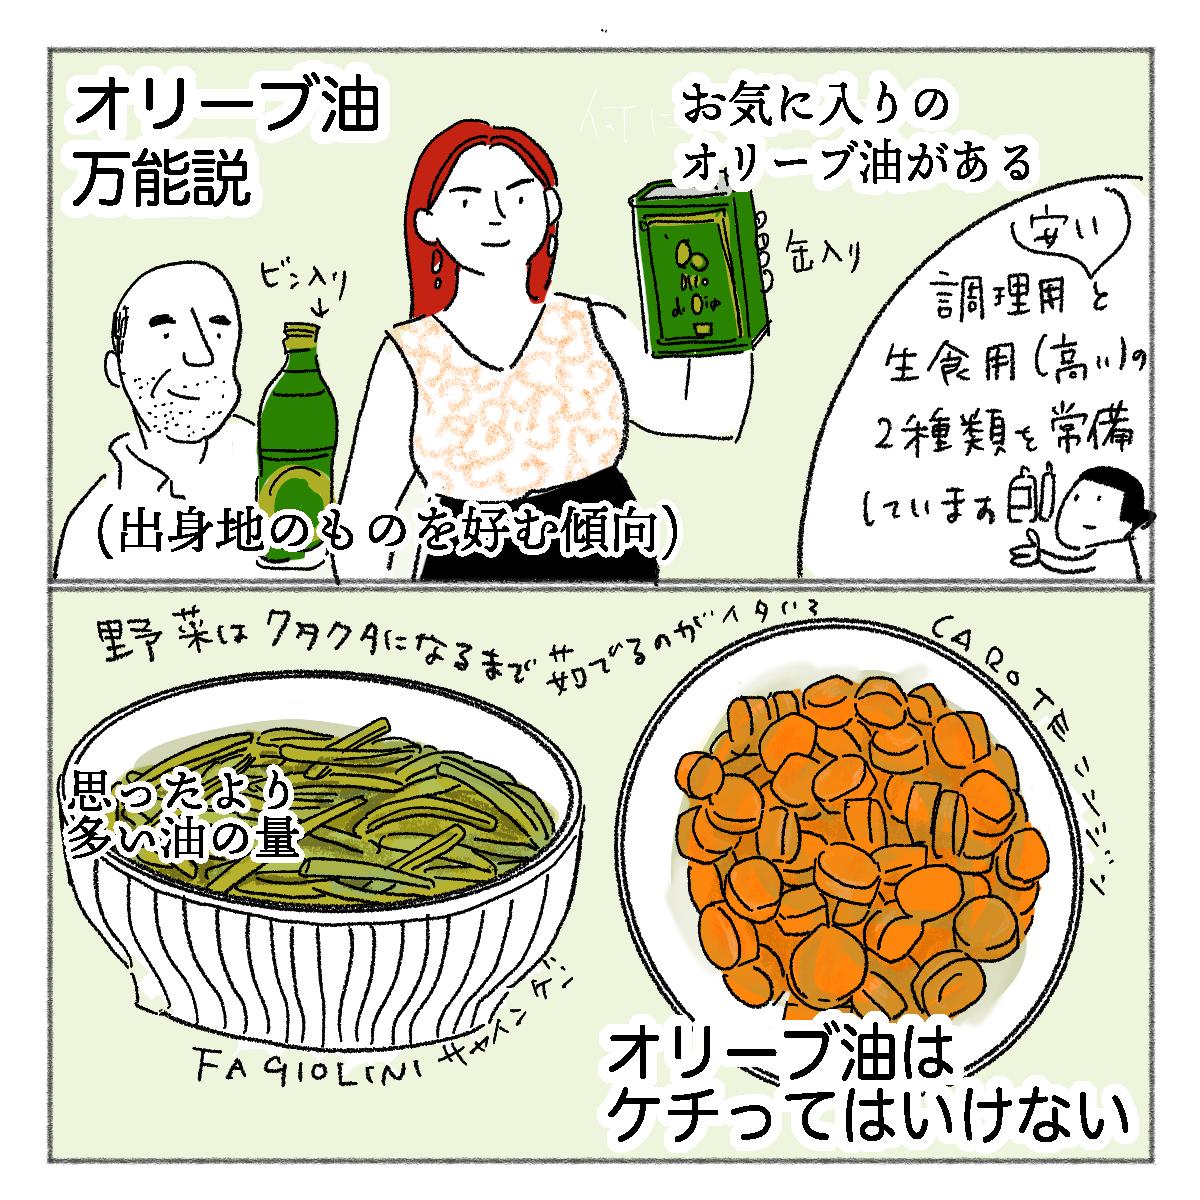 オリーブオイルの使い方について説明したイラスト